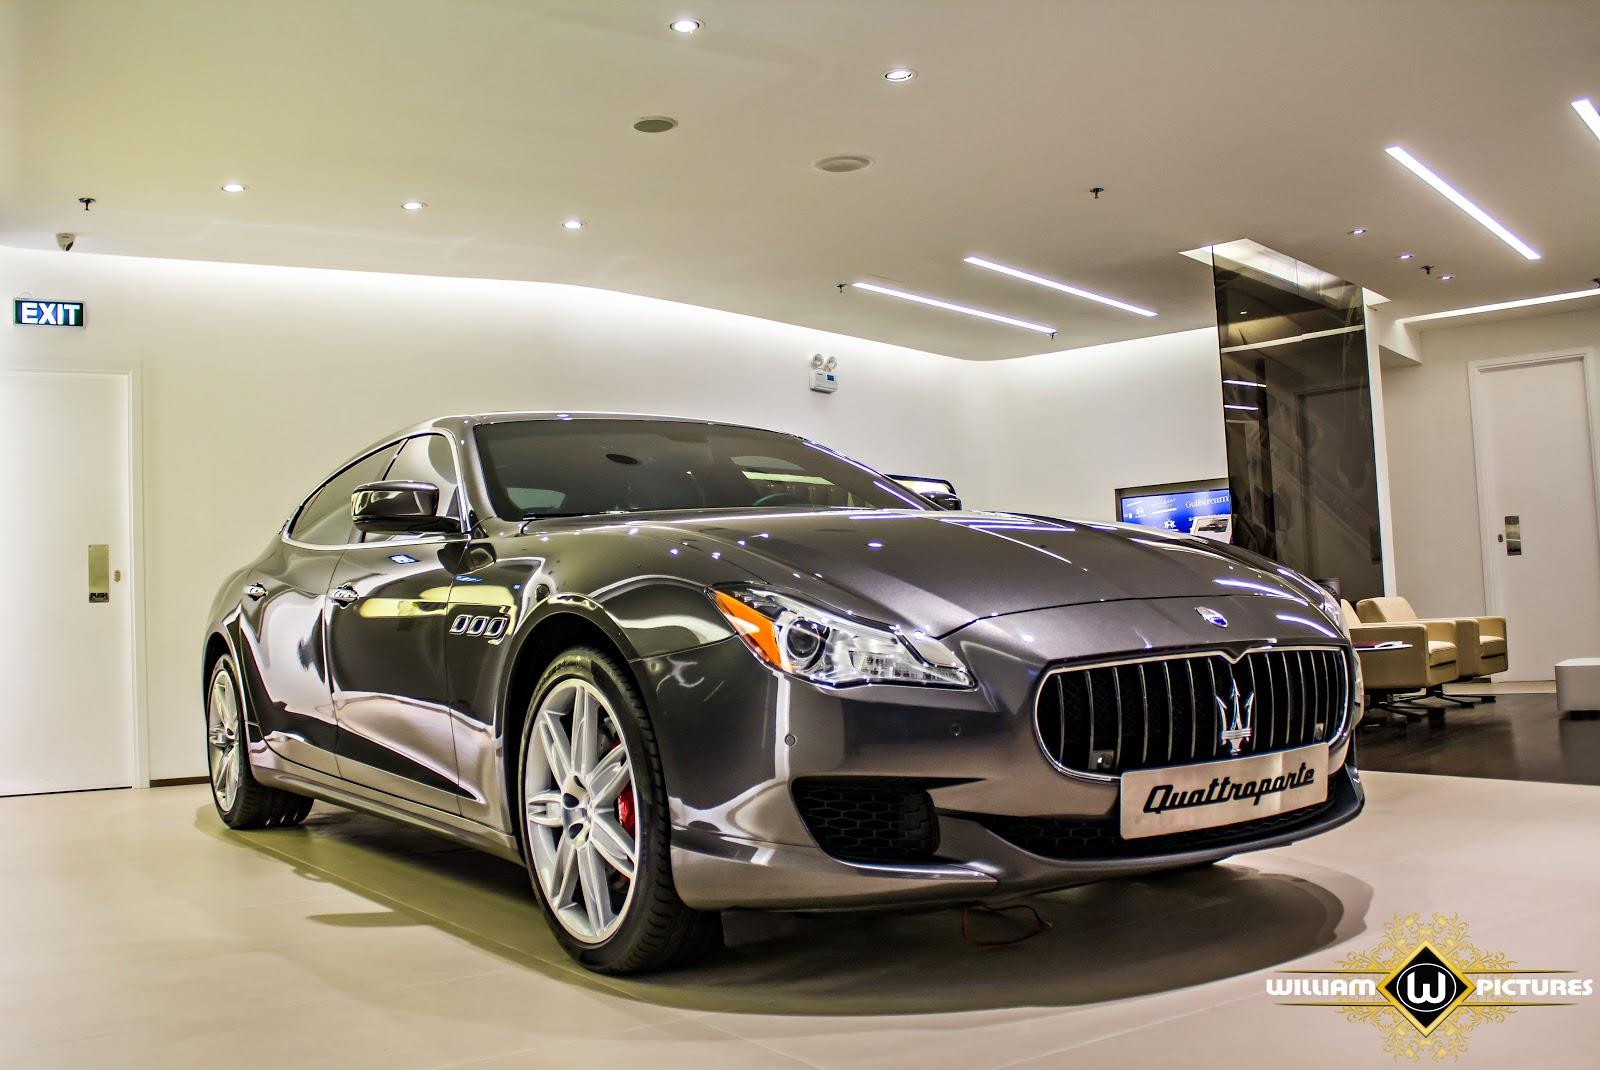 Maserati Quattroporte có một vẻ đẹp độc đáo và hoàn hảo, tinh tế đúng chất Ý